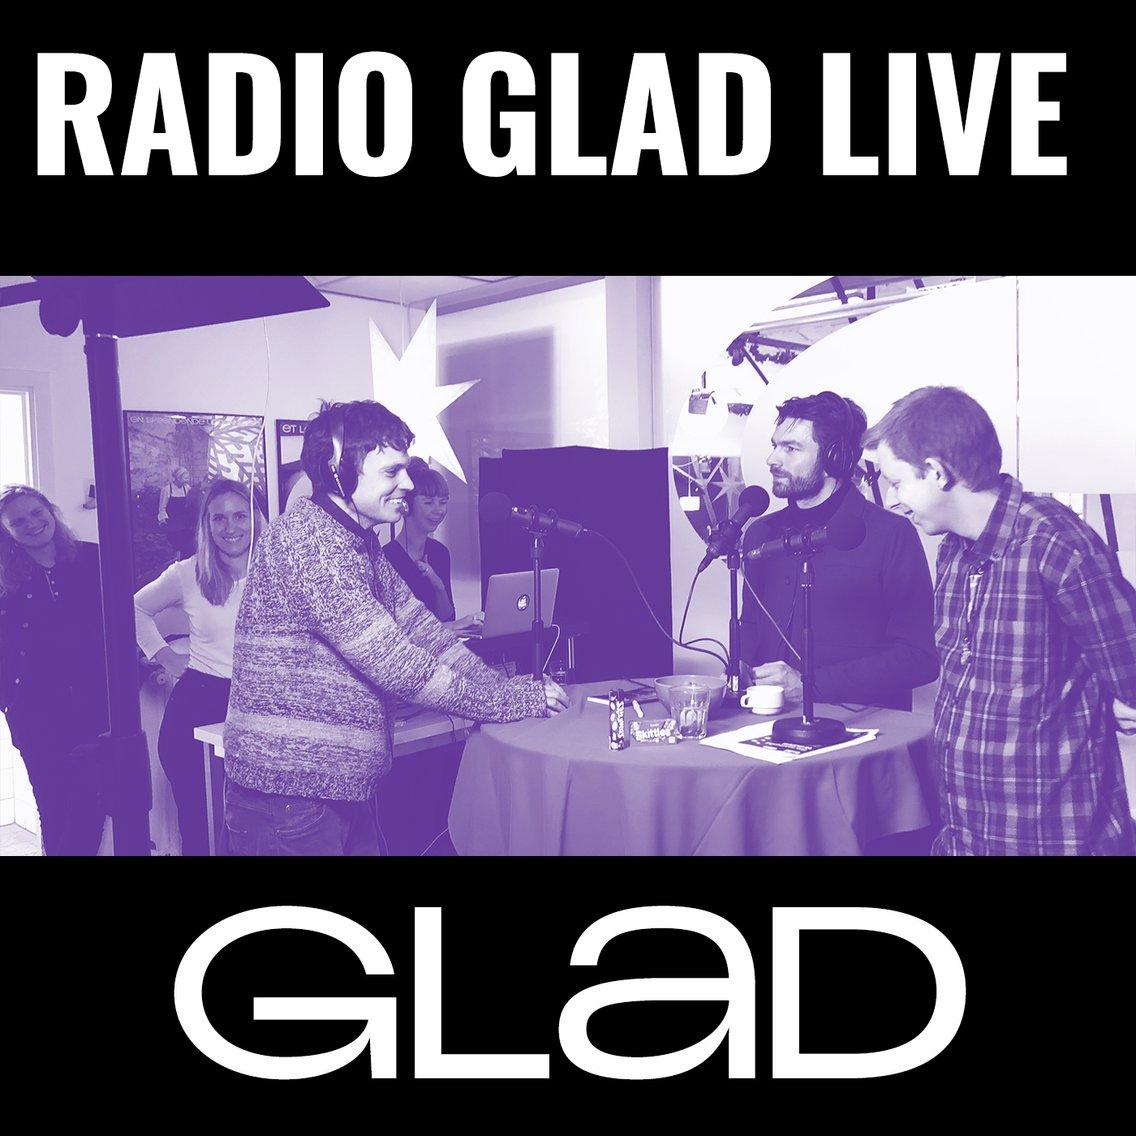 RADIO GLAD LIVE - immagine di copertina